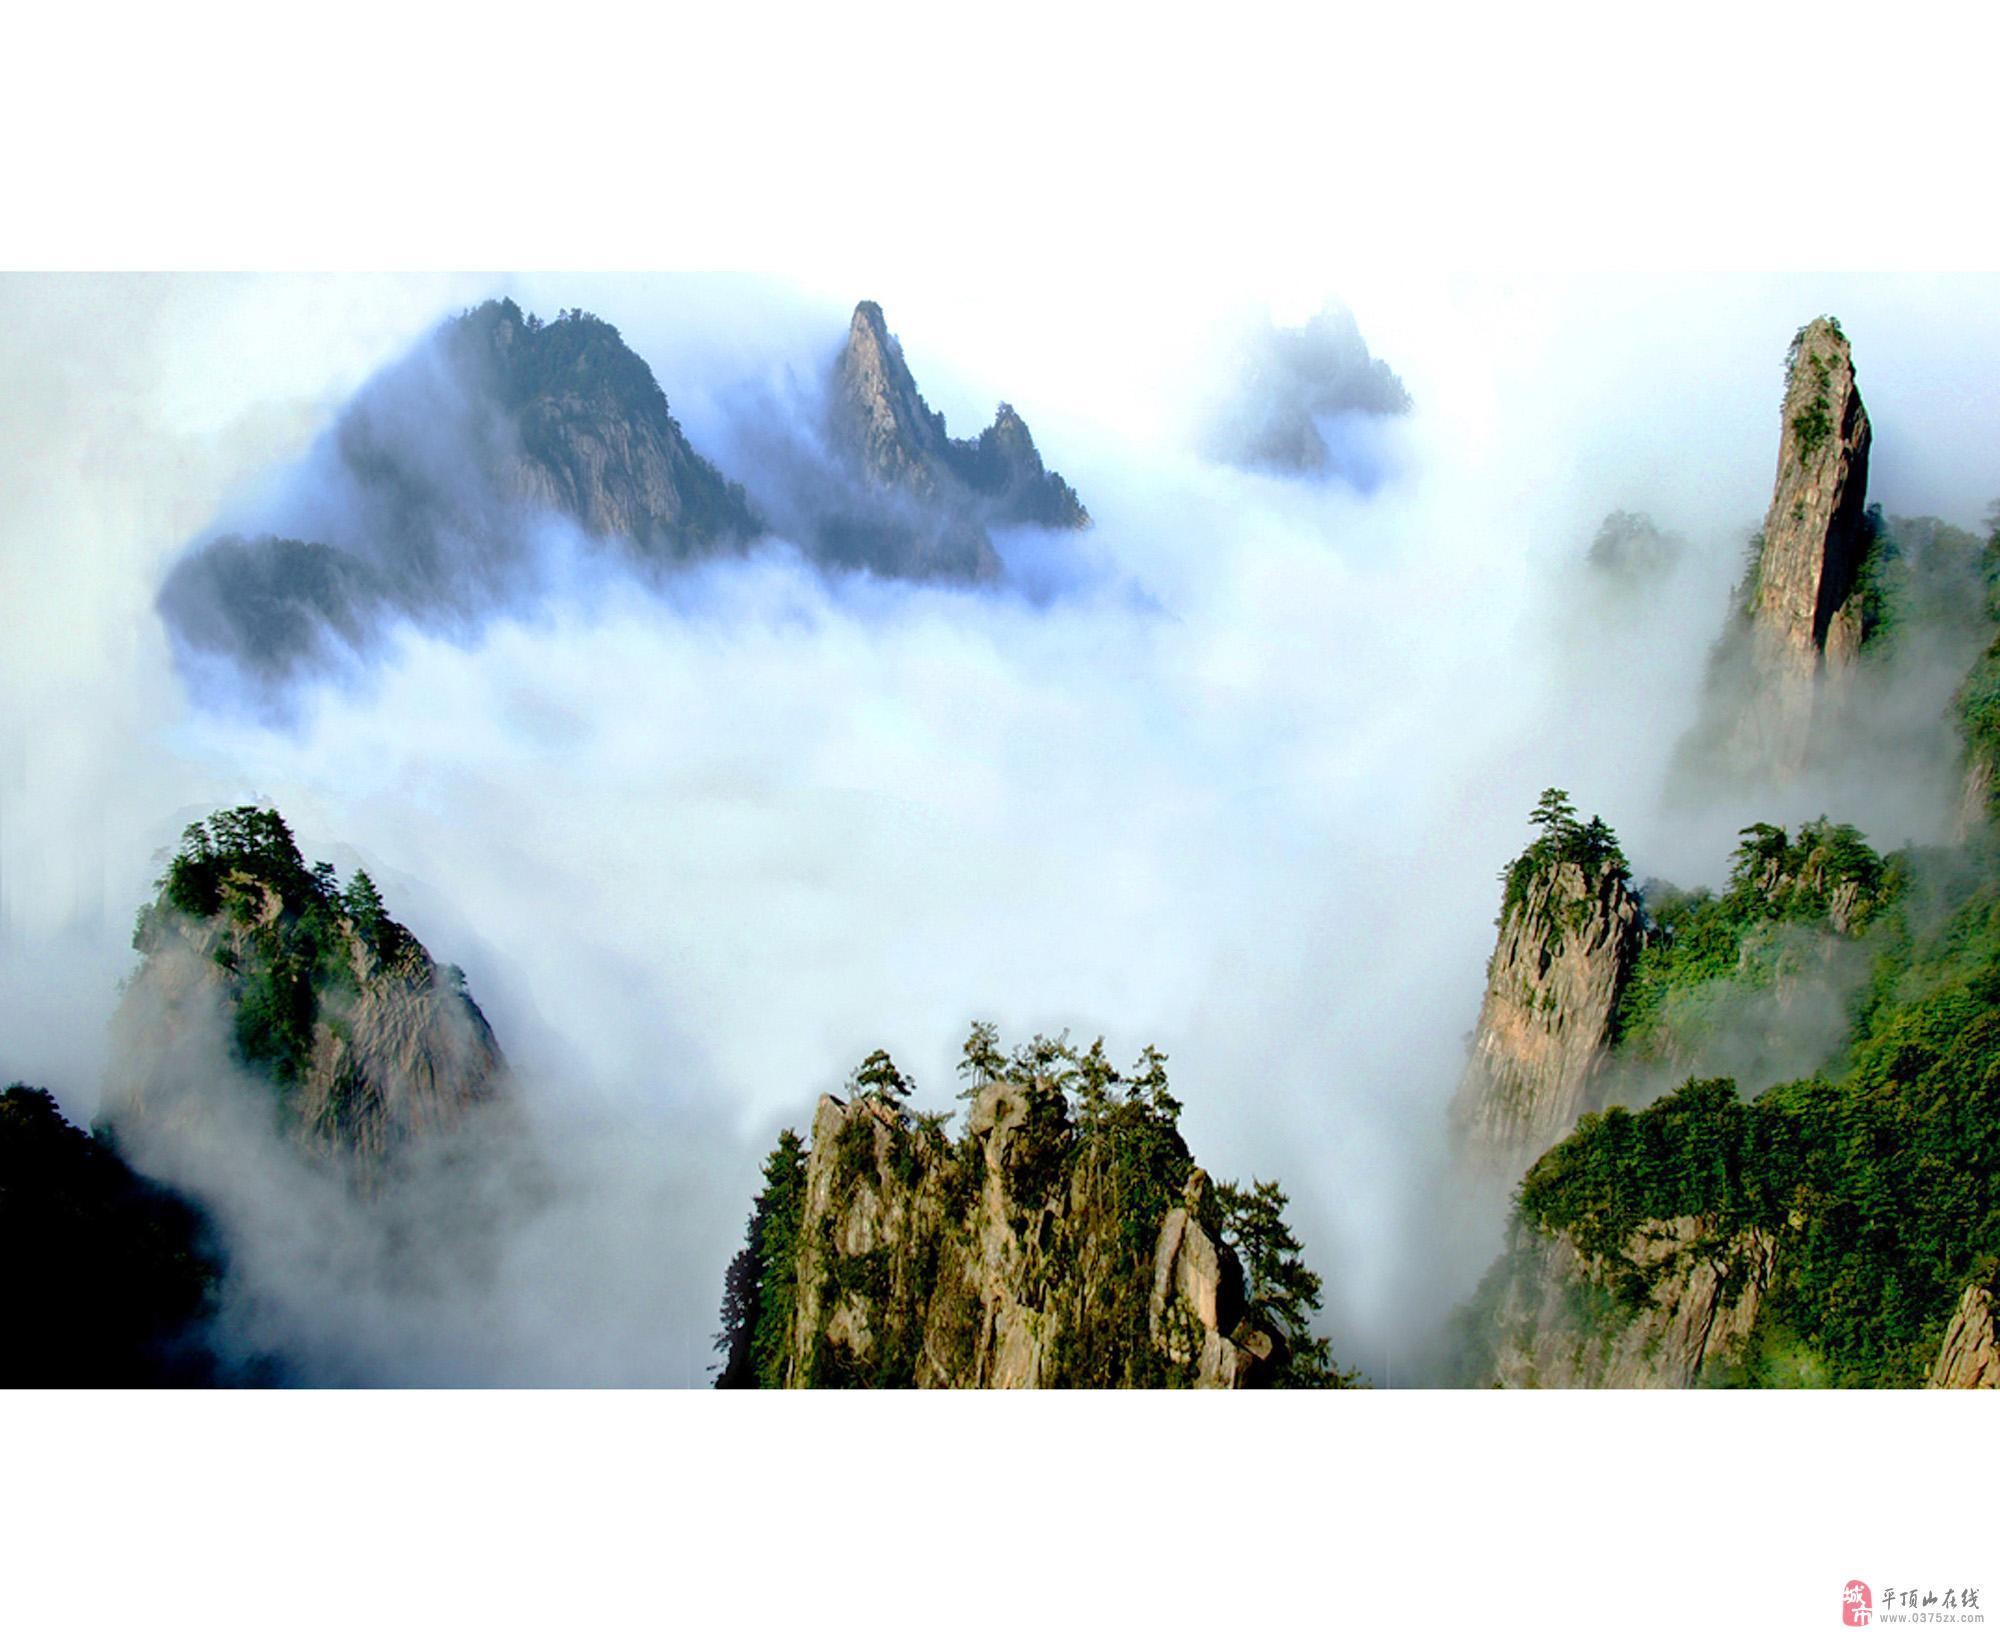 尧山风景名胜区位于平顶山鲁山县西部高清图片